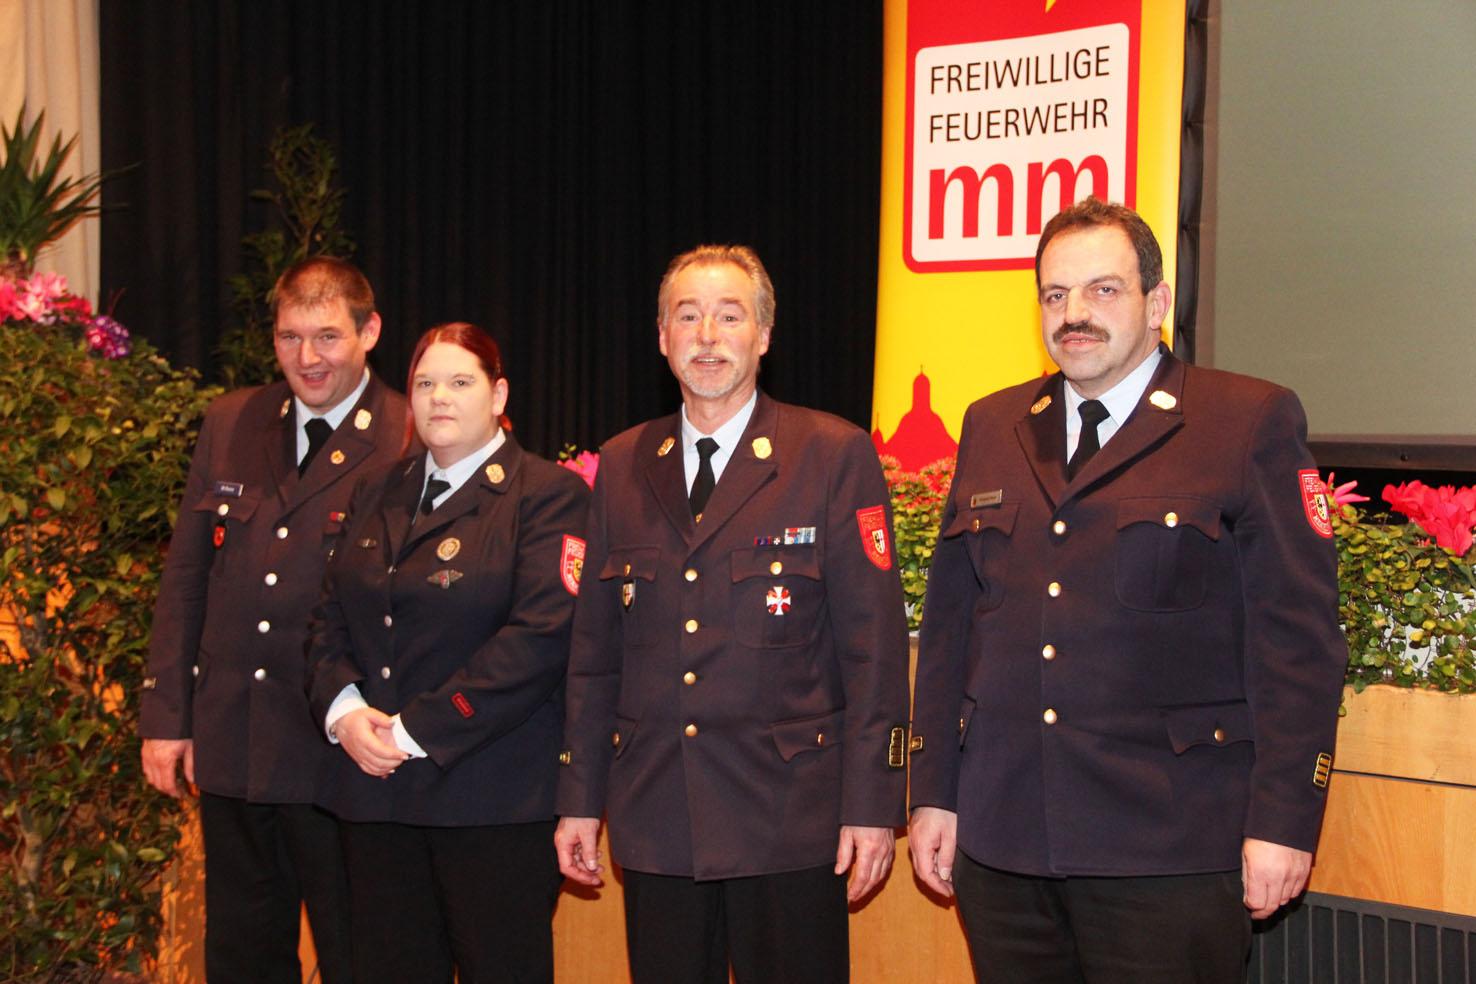 01-03-2013 Feuerwehr-Memmingen jahreshauptversammlung 2013 poeppel new-facts-eu20130301 0086